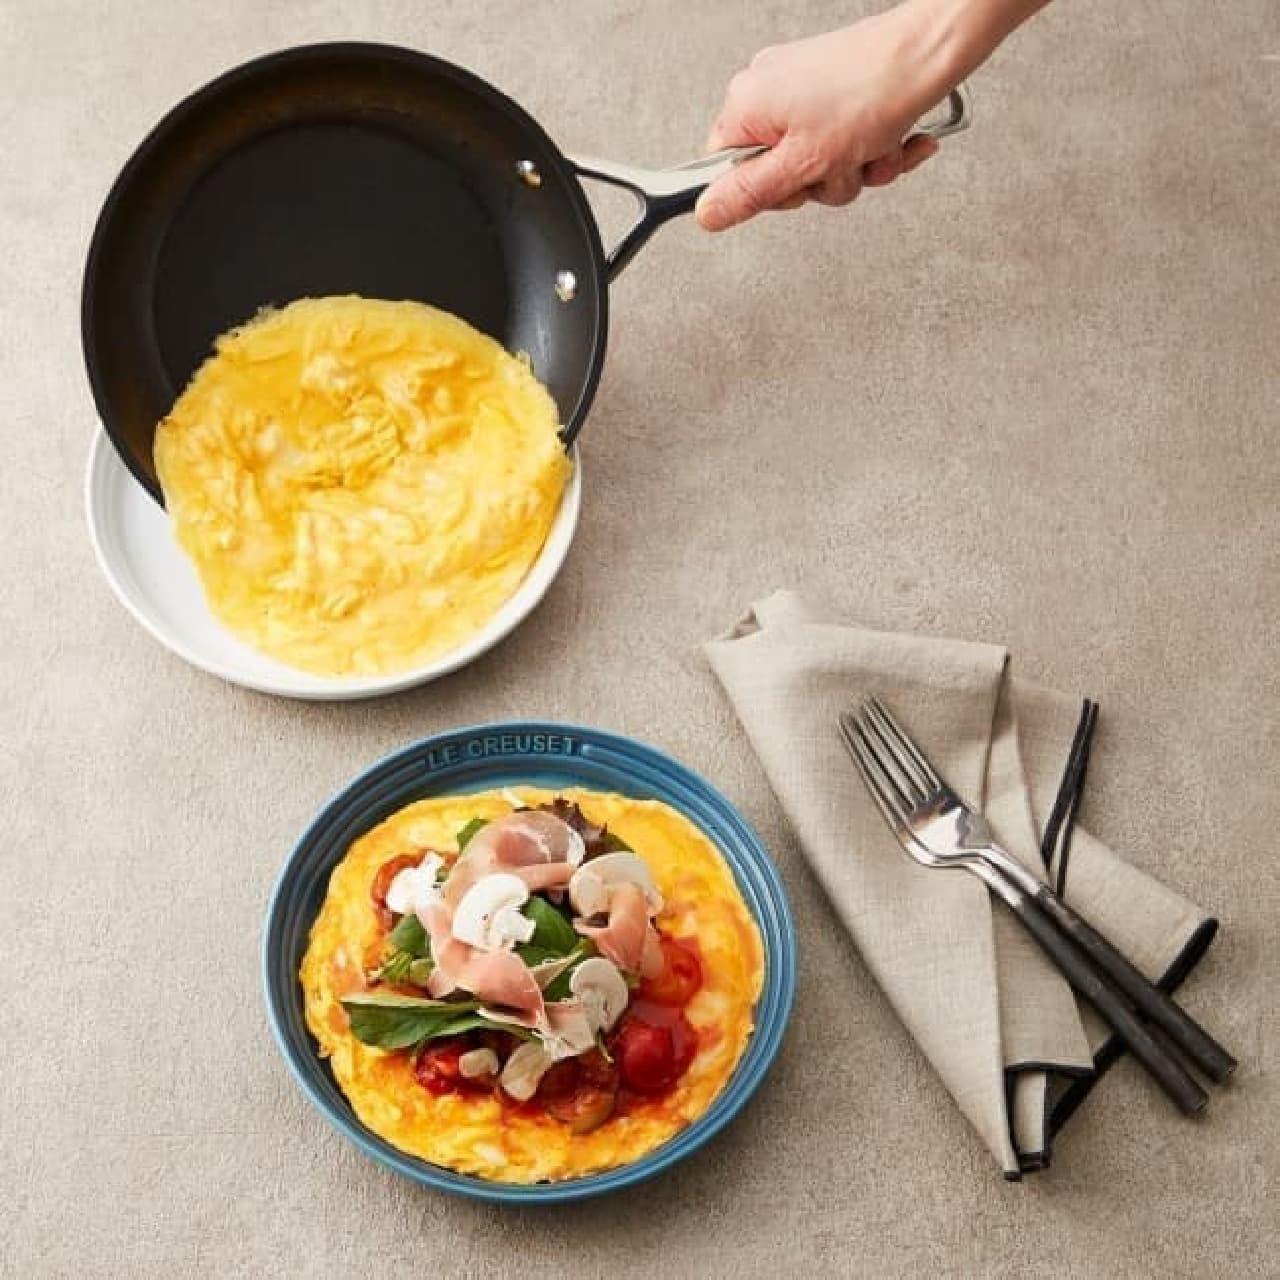 ル・クルーゼ「TNS ディープ・フライパン」の強度が4倍に--プロの料理人も愛用するフライパンシリーズ